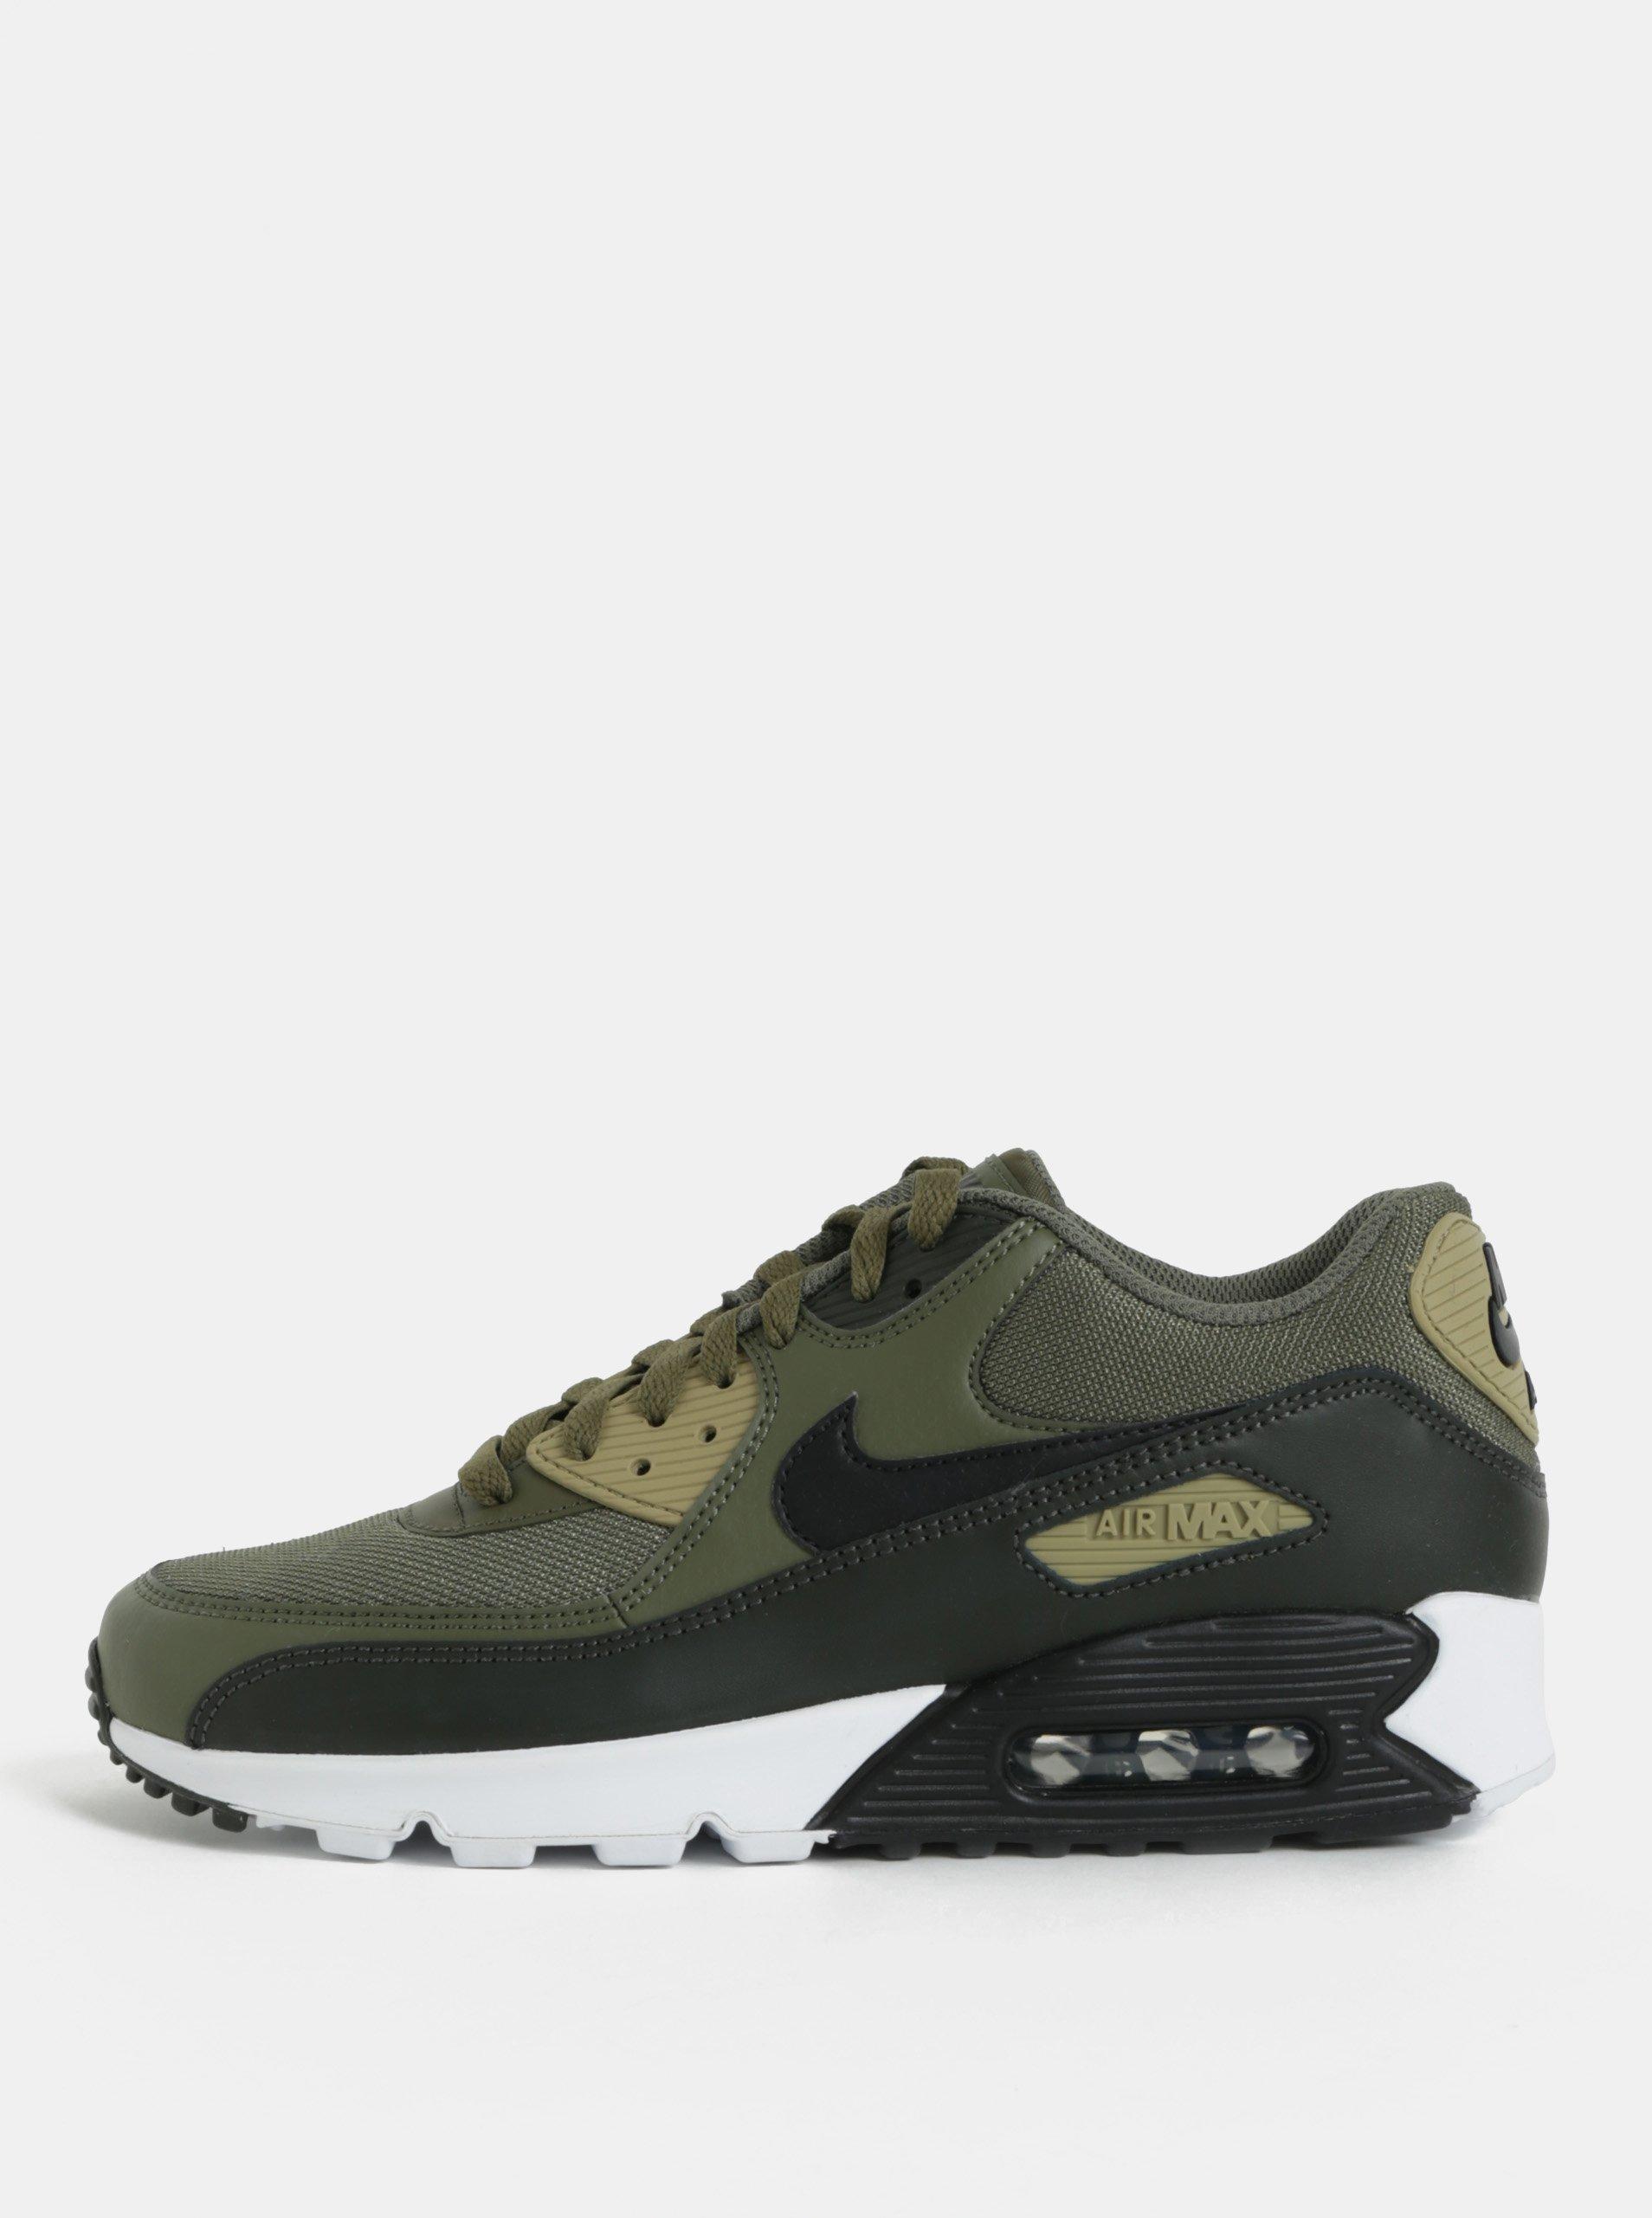 Kaki pánske kožené tenisky Nike Air Max  90 Essential  6ecea9658f